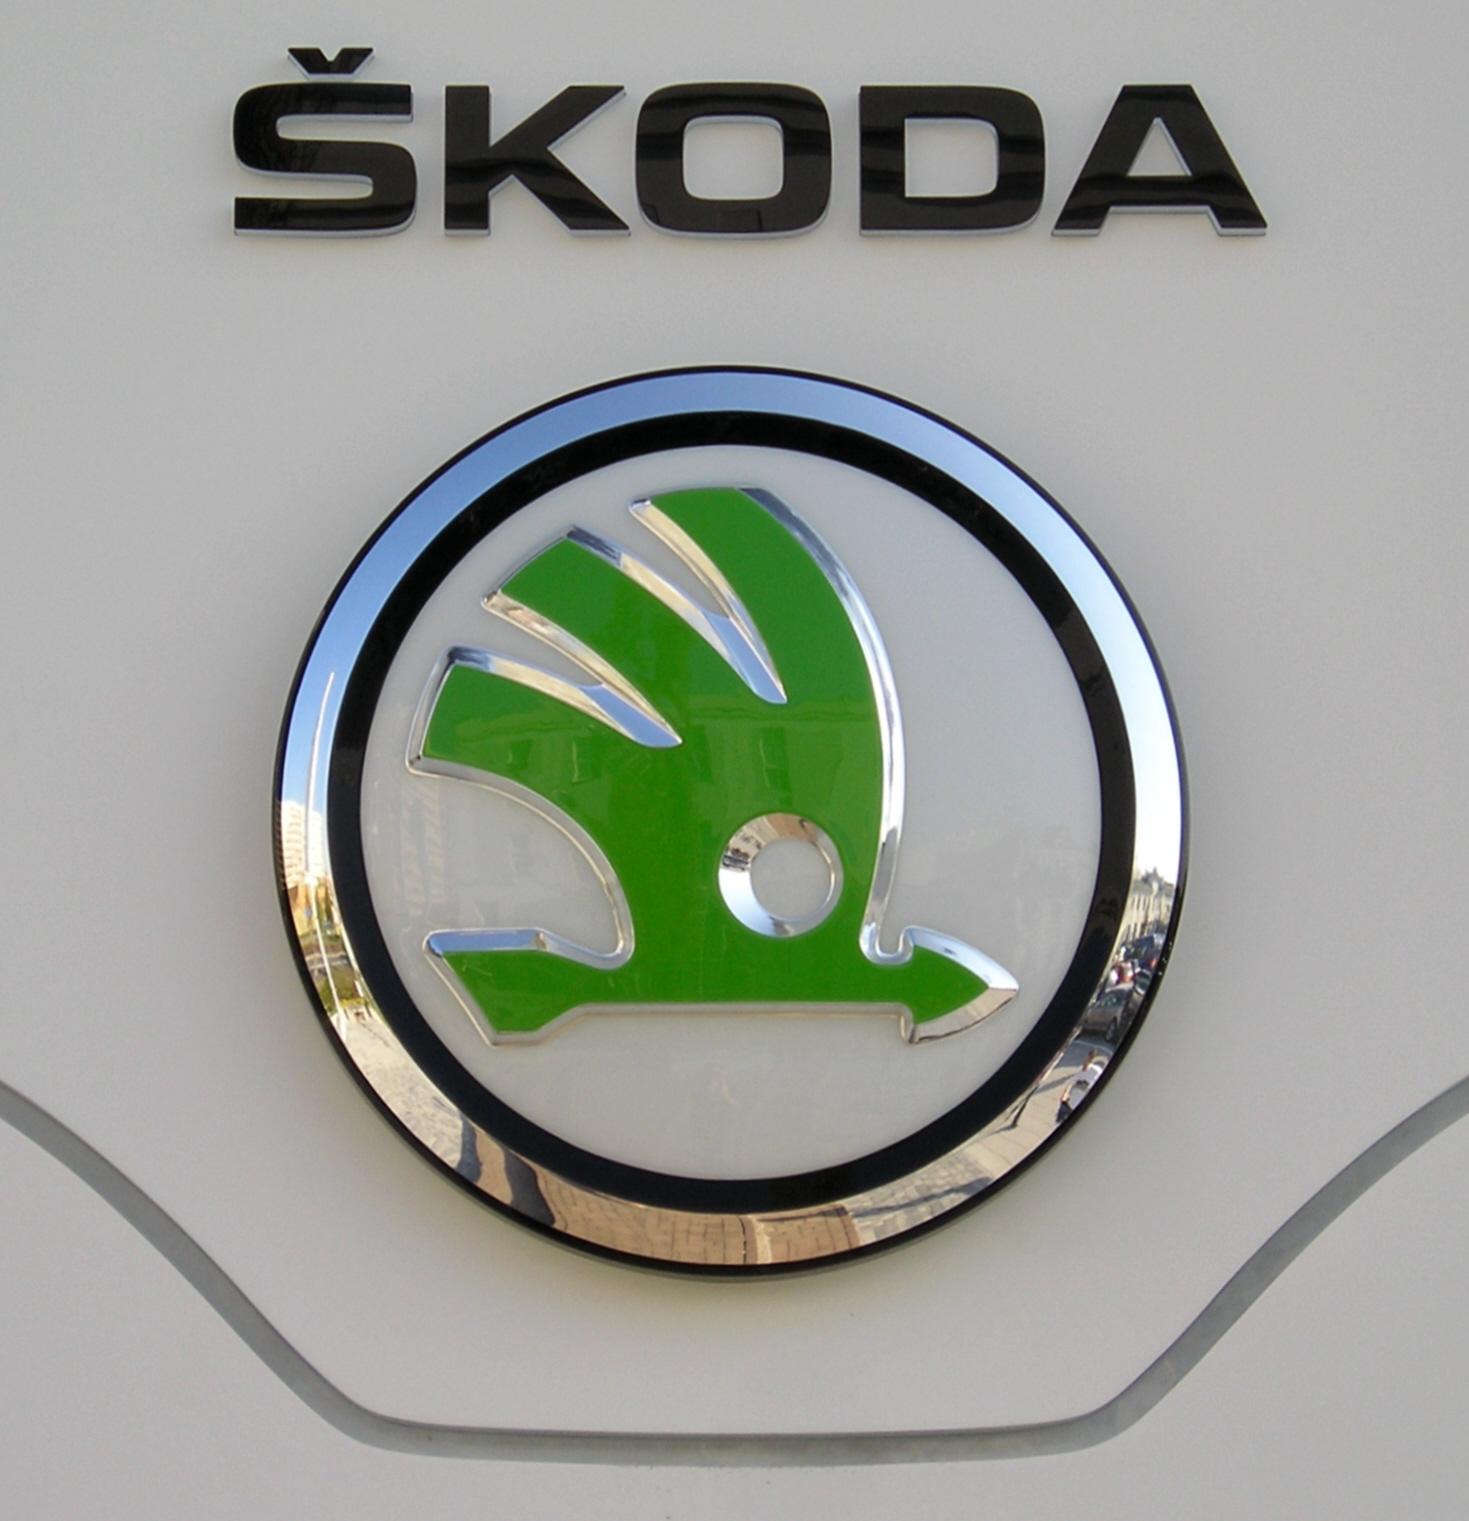 Skoda Emblem Wallpaper